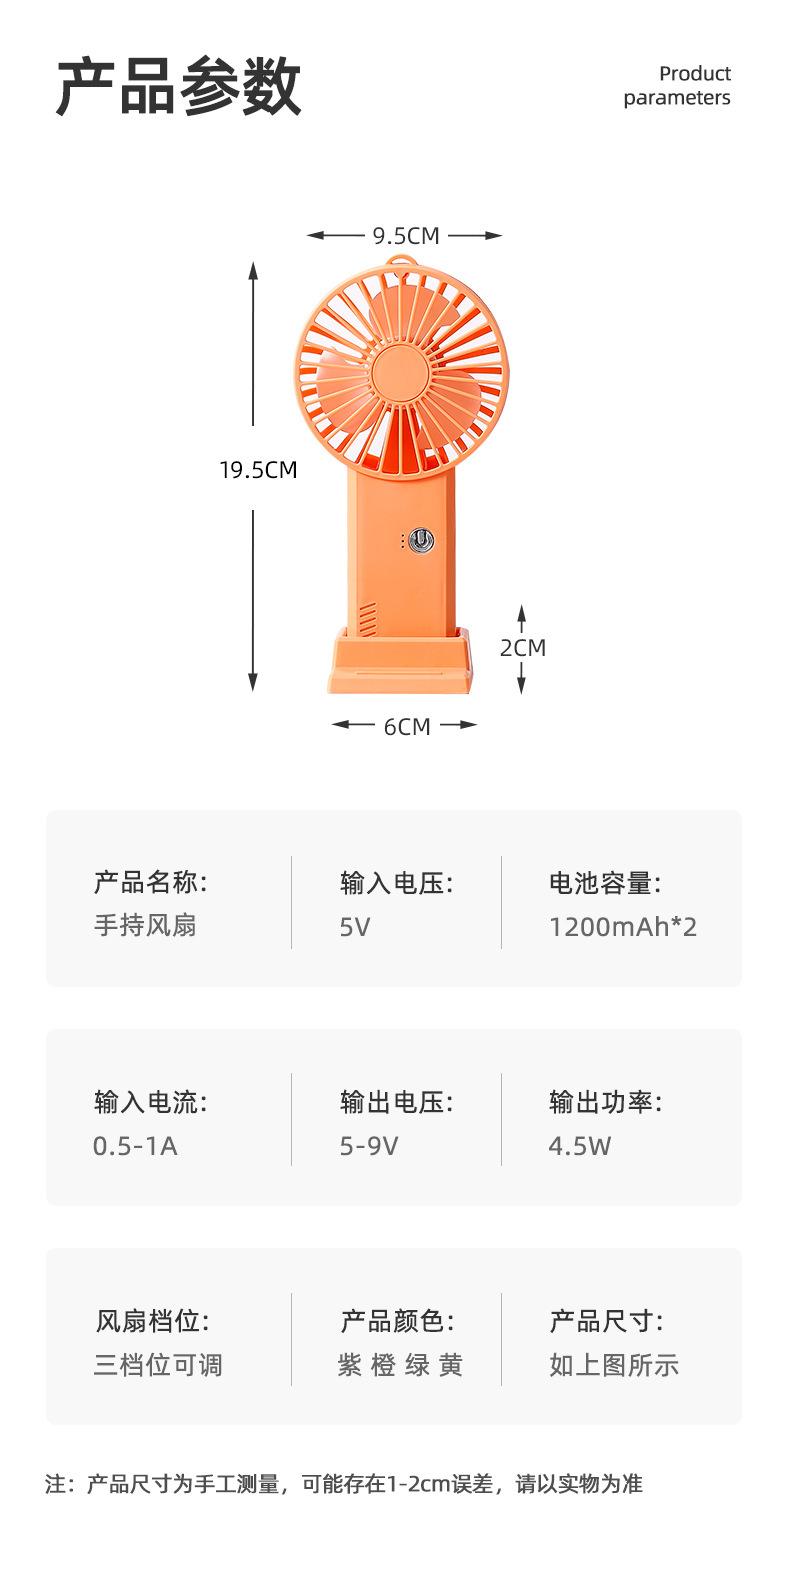 星宝-手持风扇_14.jpg